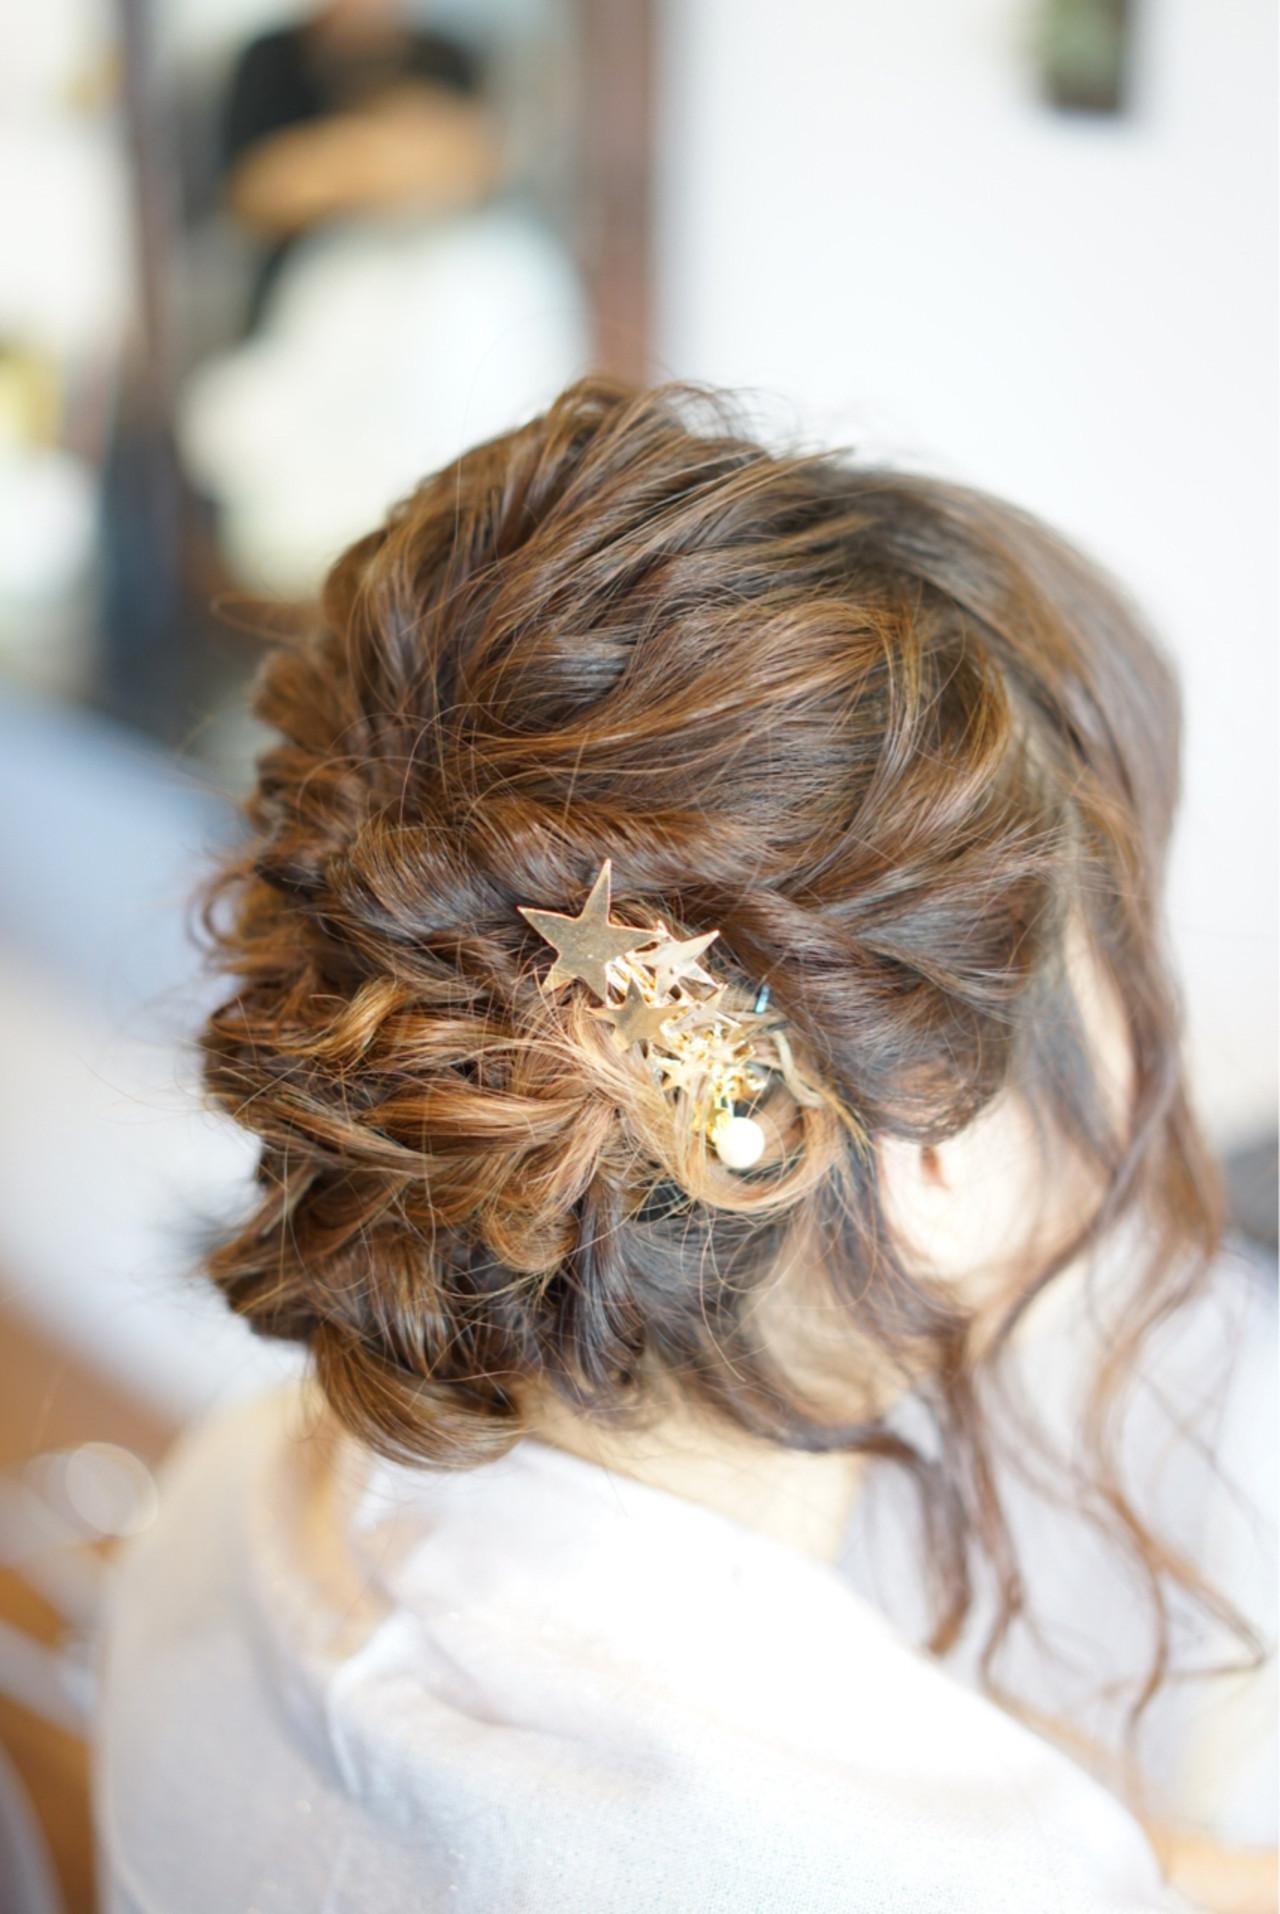 簡単ヘアアレンジ ねじり 編み込み ヘアアレンジ ヘアスタイルや髪型の写真・画像 | 渡辺拓吏【NUM】 / hair salon NUM